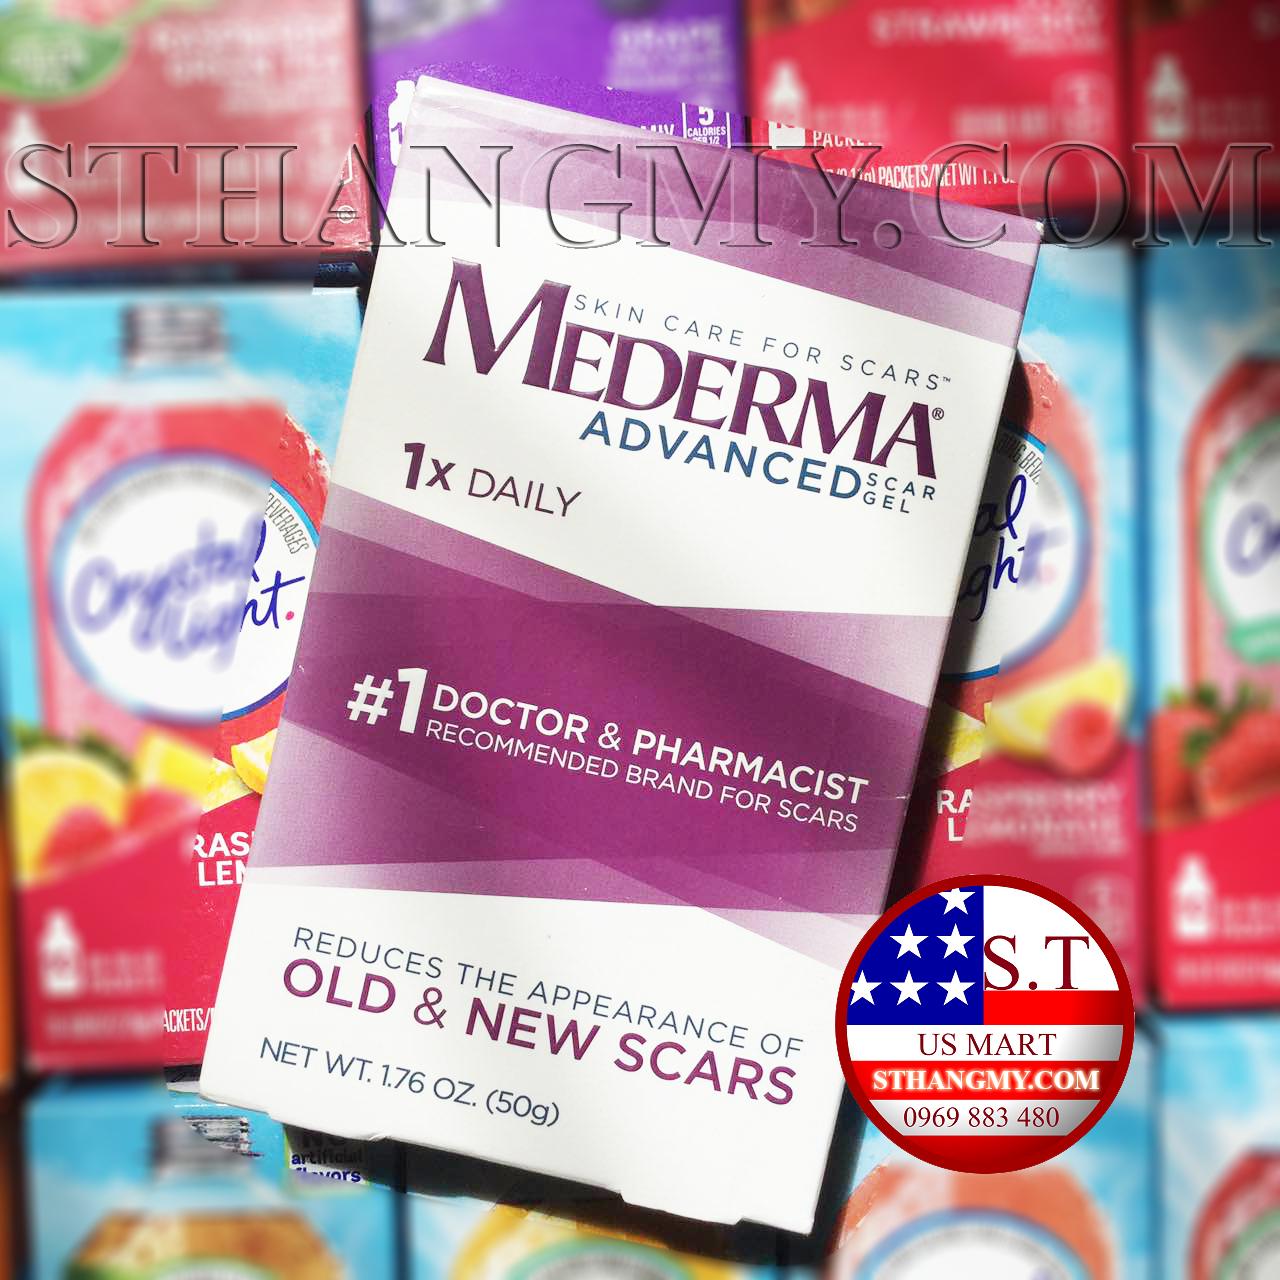 Hàng Mỹ - Kem làm mờ sẹo Mederma® tuýp lớn 50g